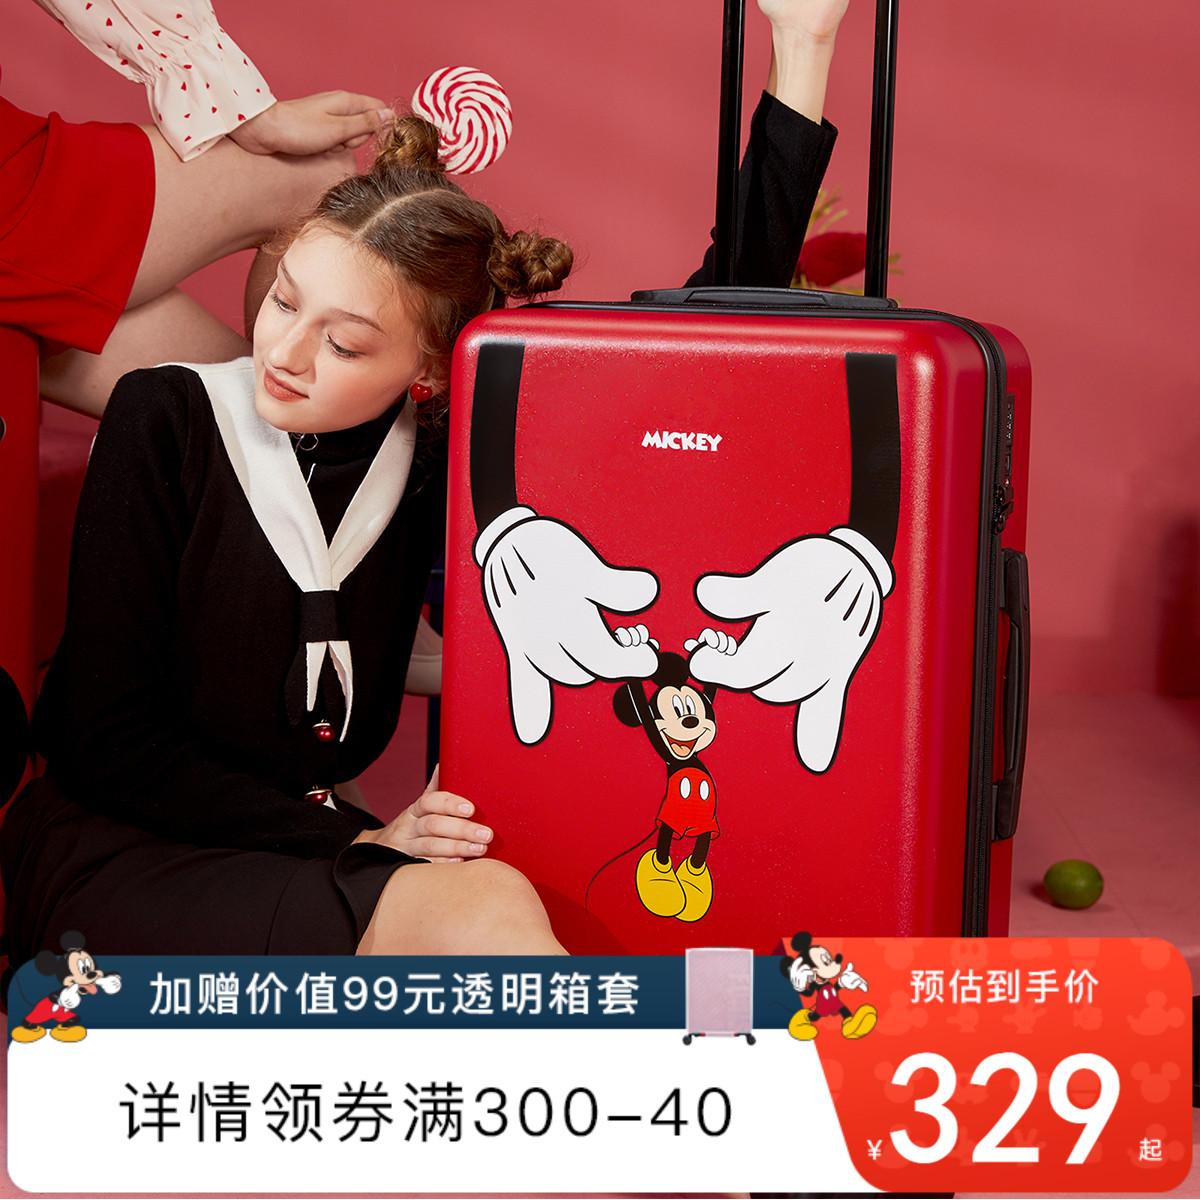 ≞⅟กระเป๋าเดินทางเด็กกระเป๋าเดินทางล้อลาก[Weiyaแนะนำ] Weimei Disney 20นิ้วกระเป๋าเดินทางผู้หญิงกรณีรถเข็น24นิ้วเด็กกระเป๋